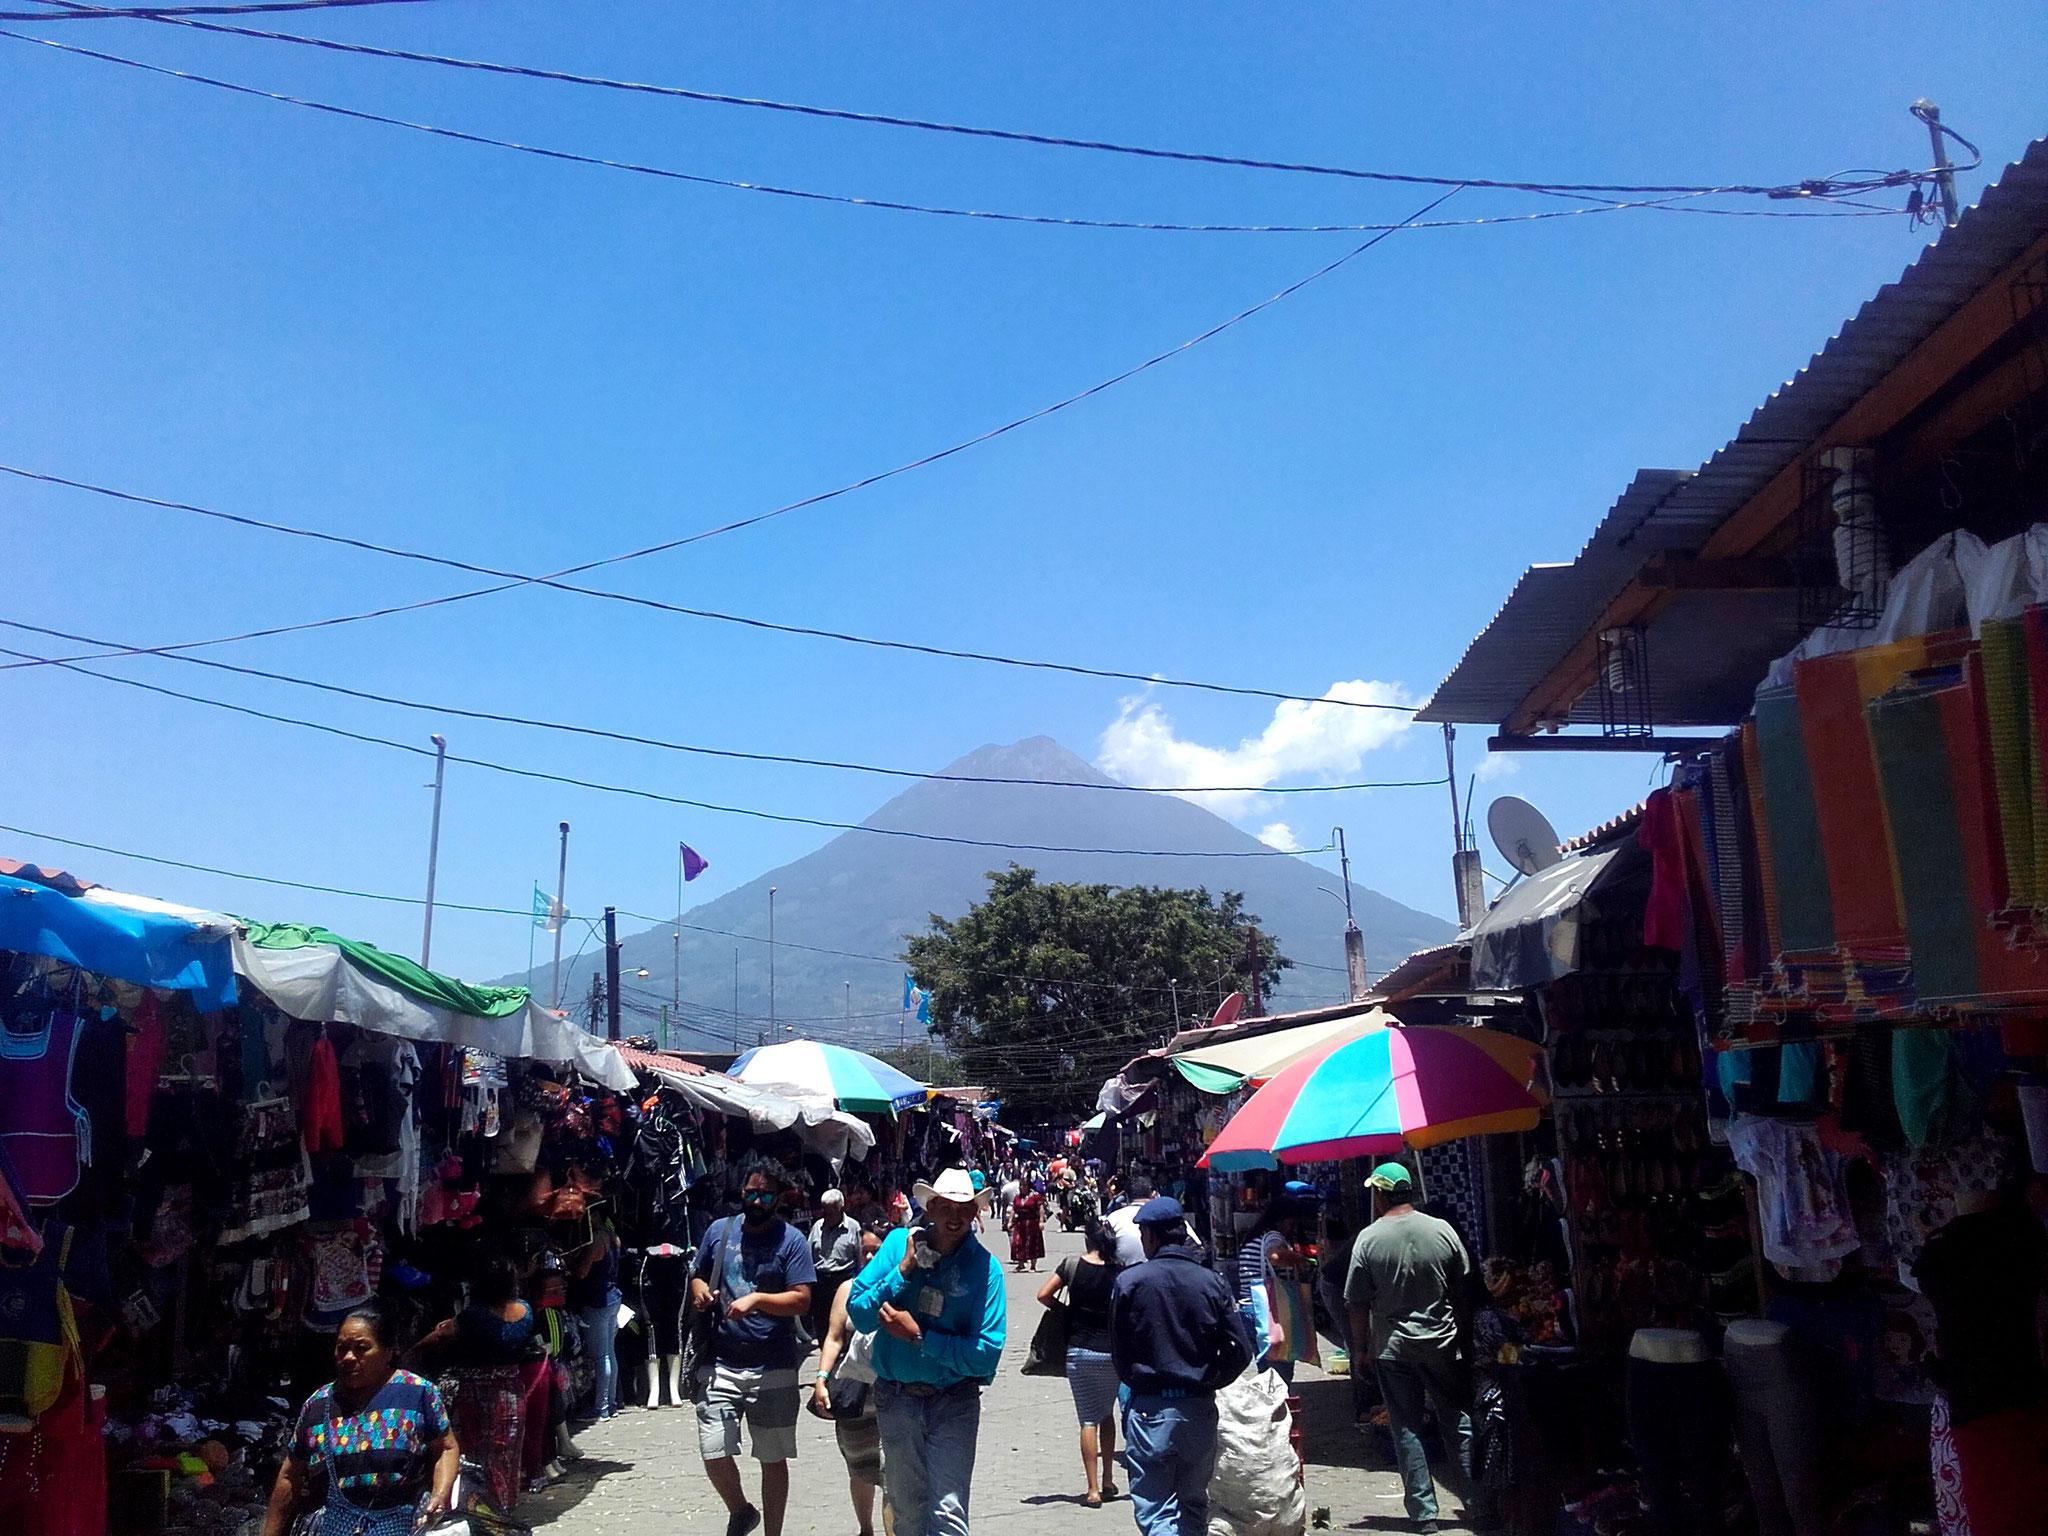 Mercado Central Antigua